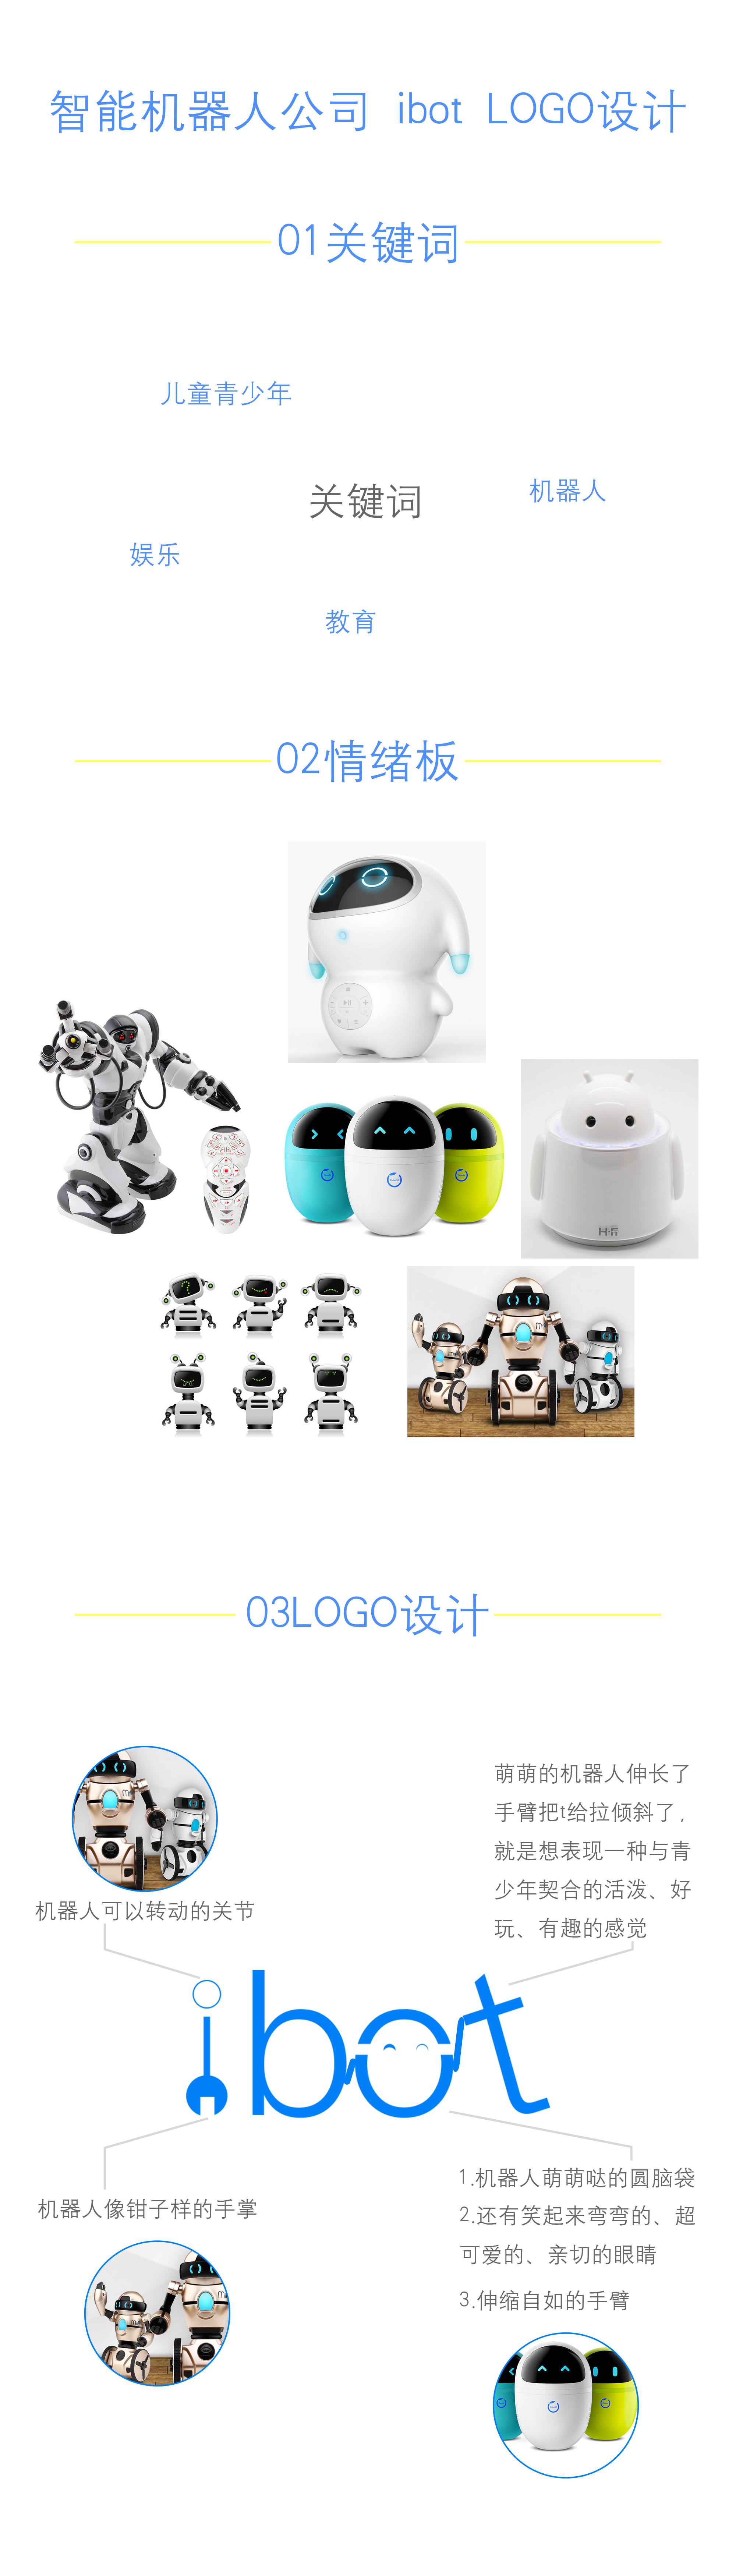 人工智能机器人公司logo设计